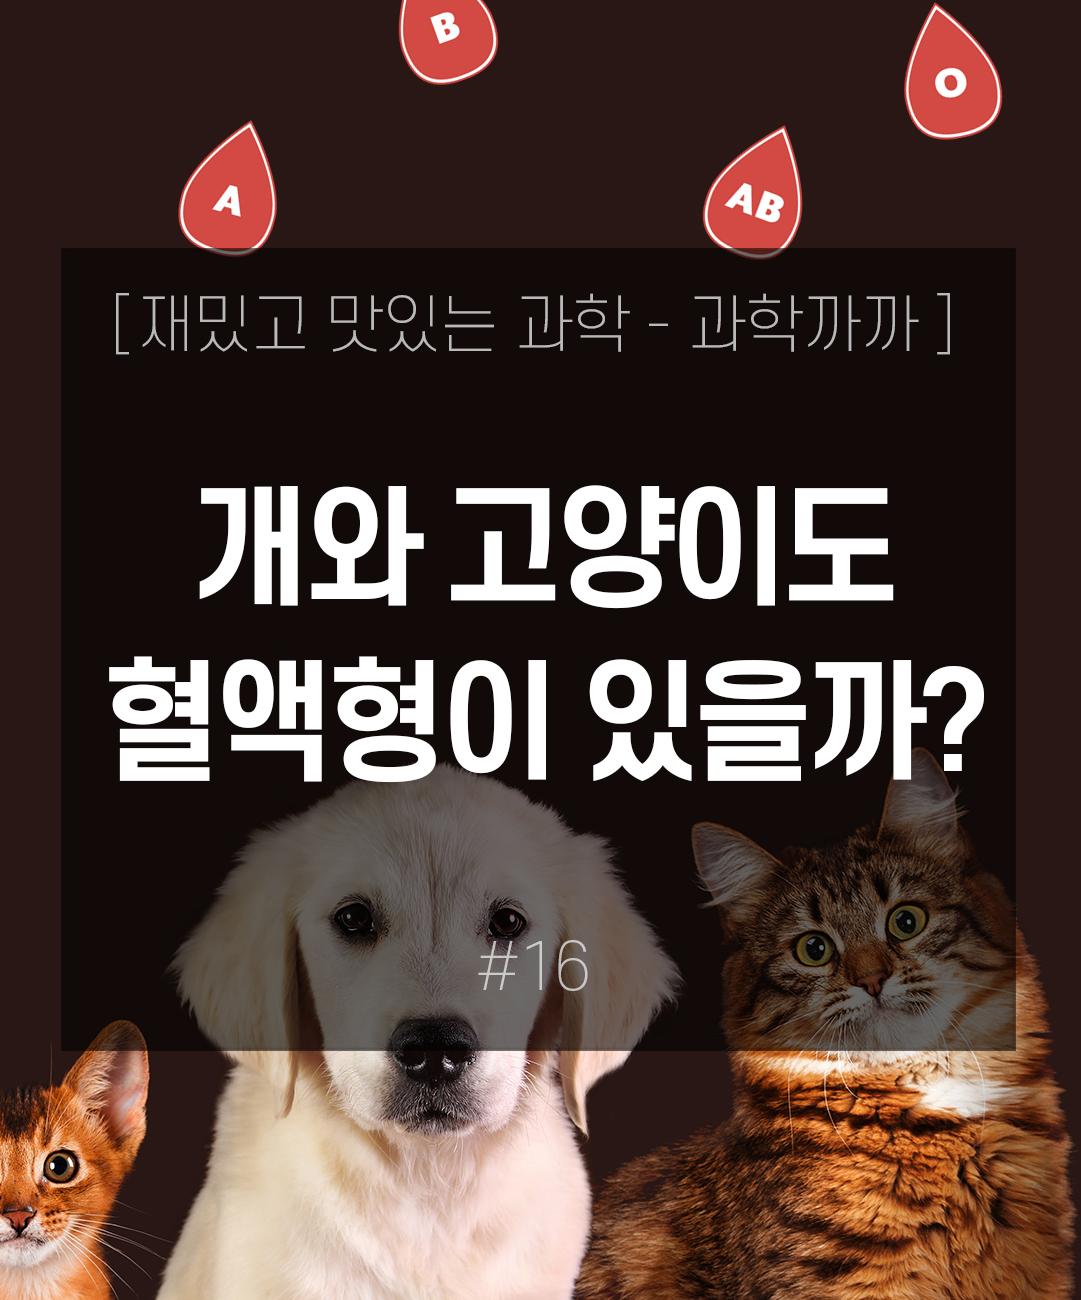 개와 고양이도 혈액형이 있을까? 이미지